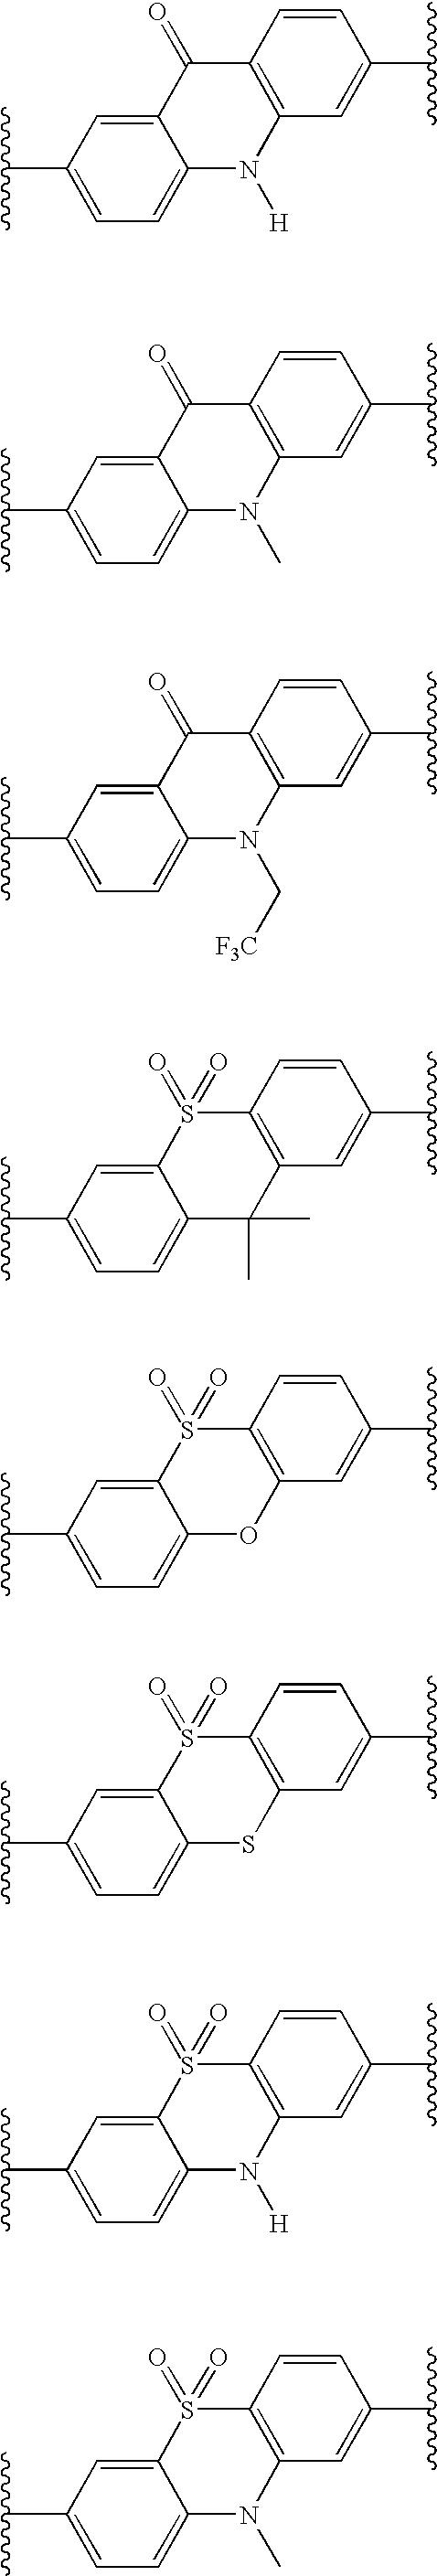 Figure US08088368-20120103-C00112